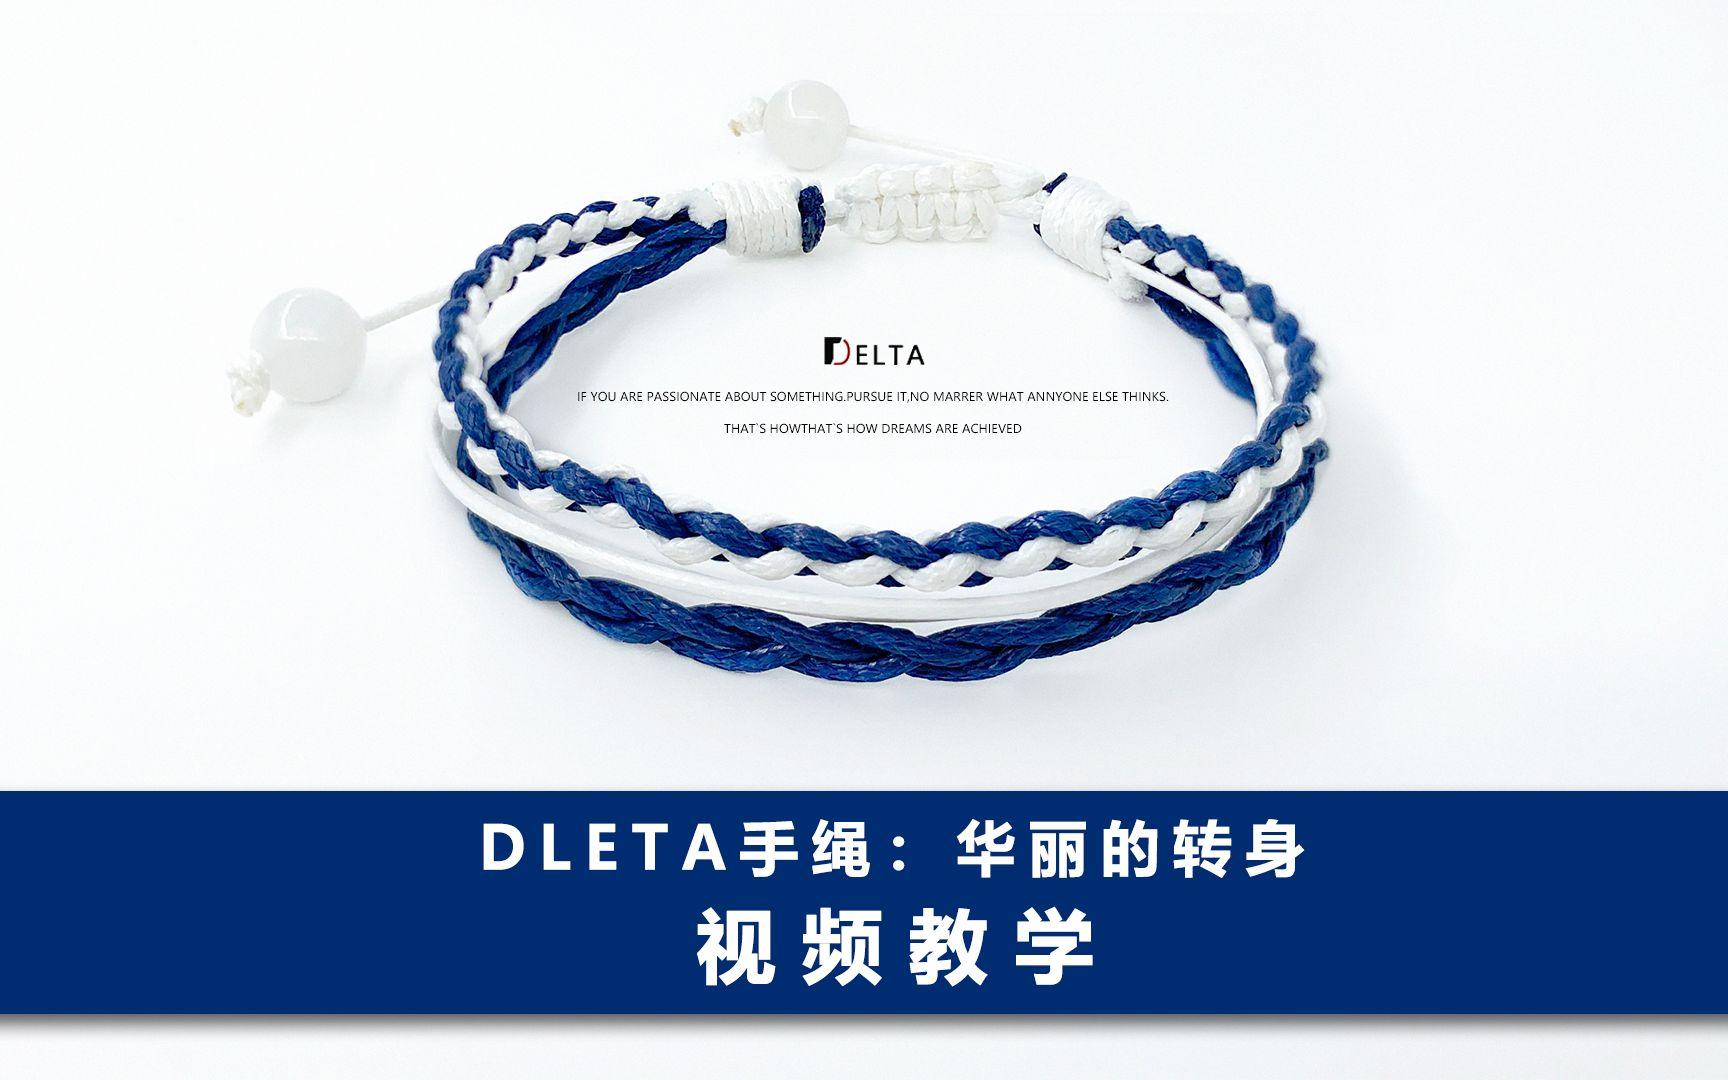 中国结论坛 送给男生的手工编织手链蓝白款式做法教程 教程,编项链绳子的方法图解,手绳编织教程,手机绳编织方法,手绳编织教程图解 视频教程区 162500n6s00csssk60s30b